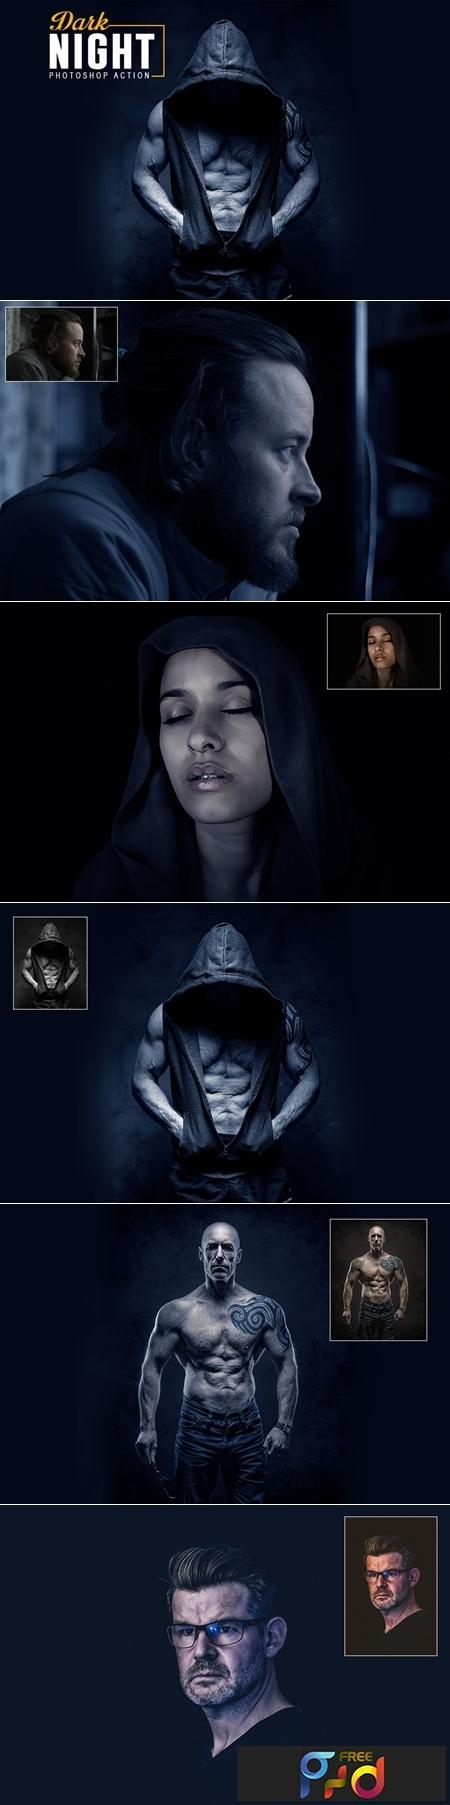 Dark Night Photoshop Action 1